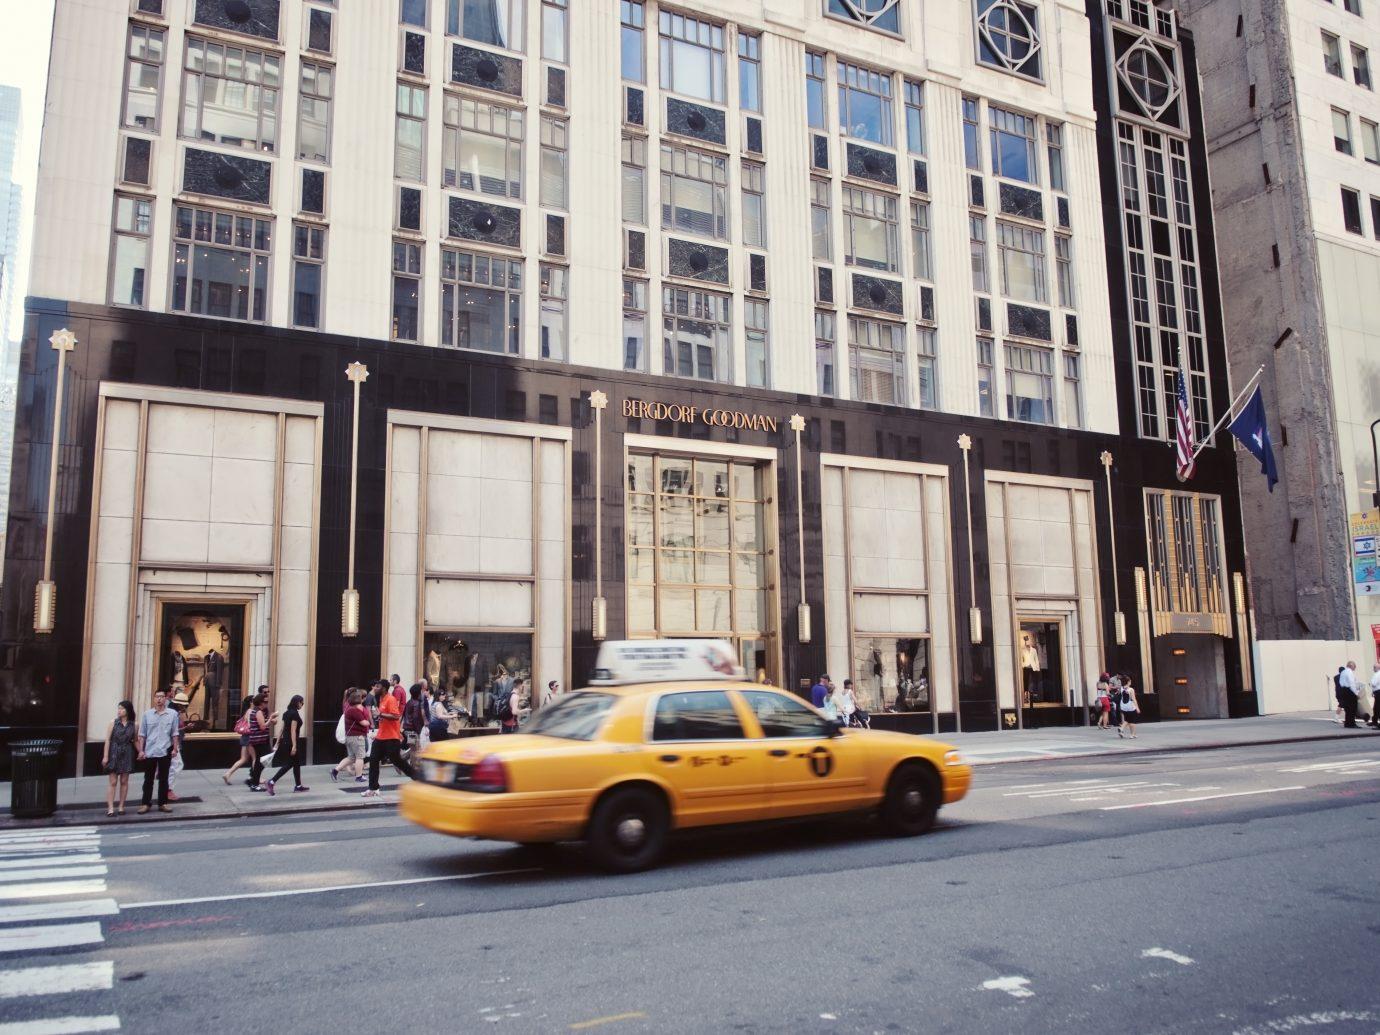 Bergdorf Goodman retail store In New York City